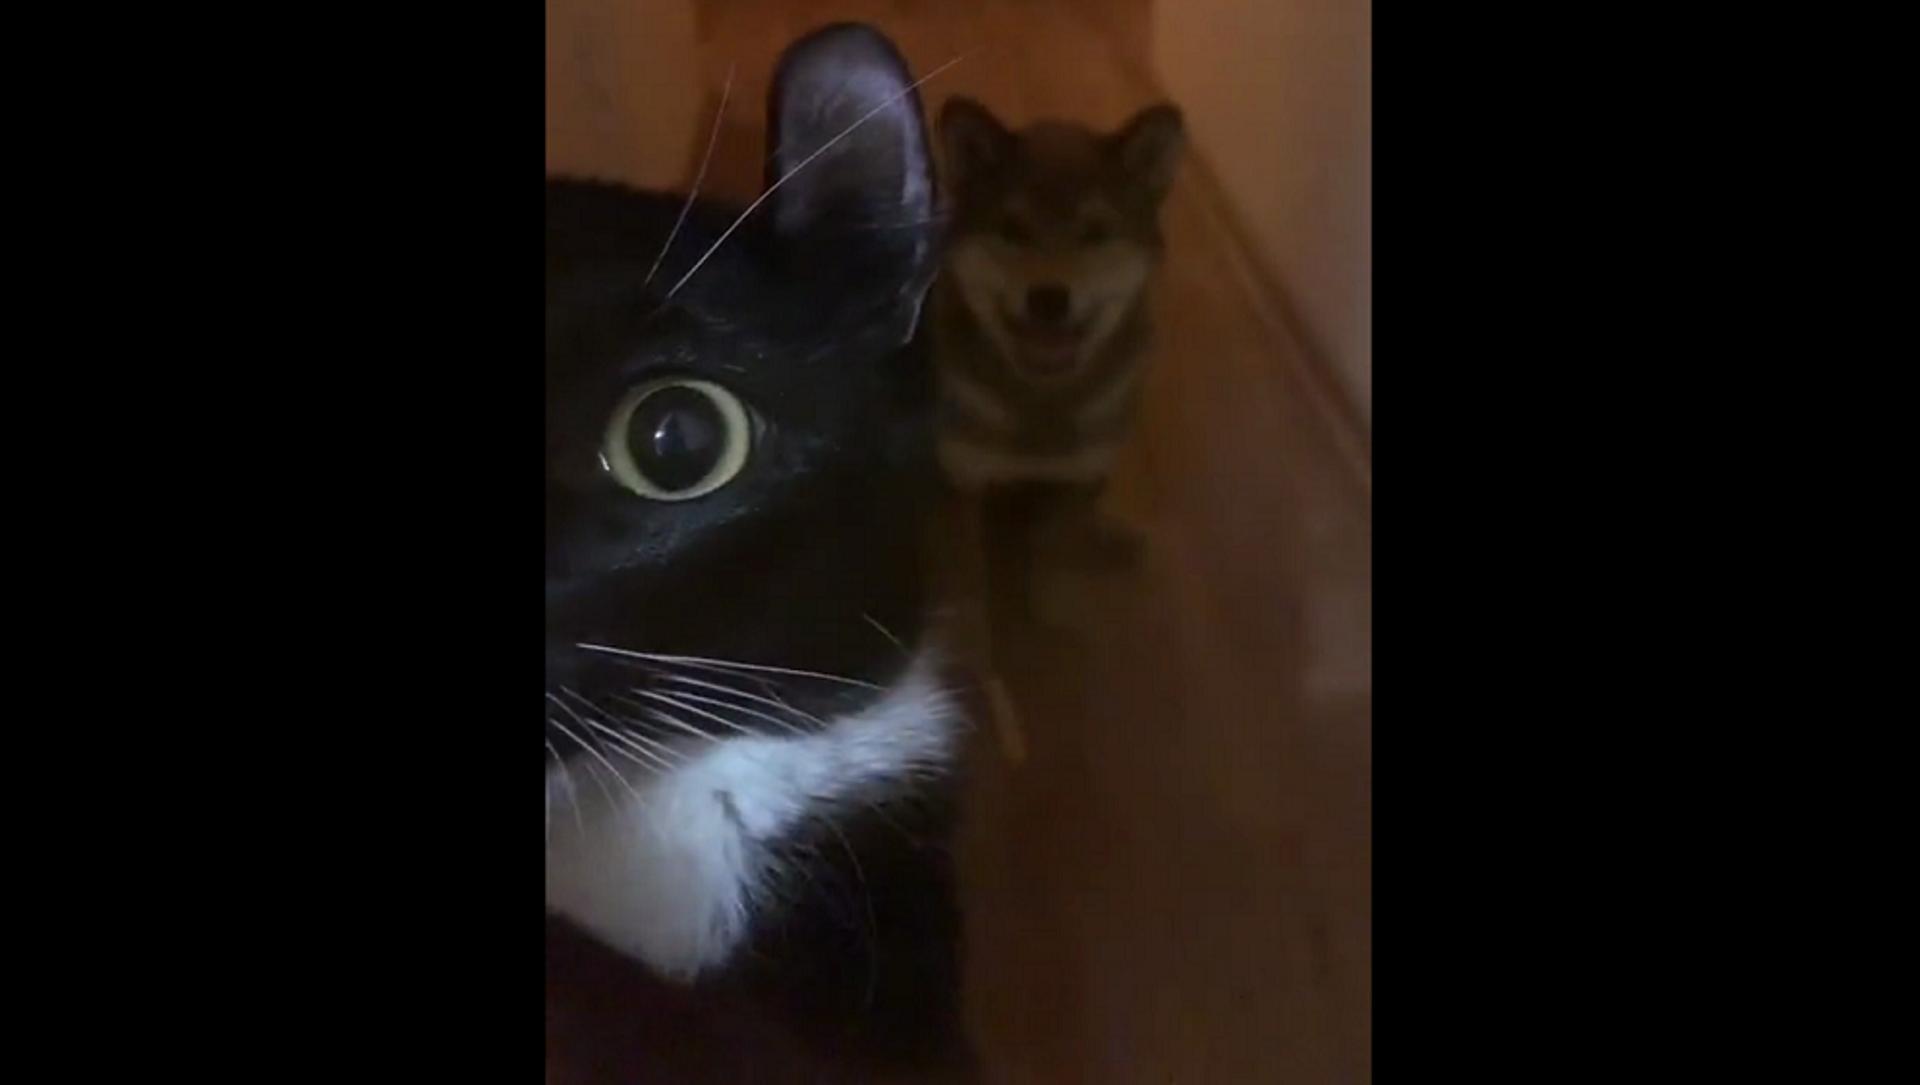 Кот и пес не могут смириться с наказанием за попытки украсть мясо с кухни – смешное видео - Sputnik Грузия, 1920, 18.02.2021